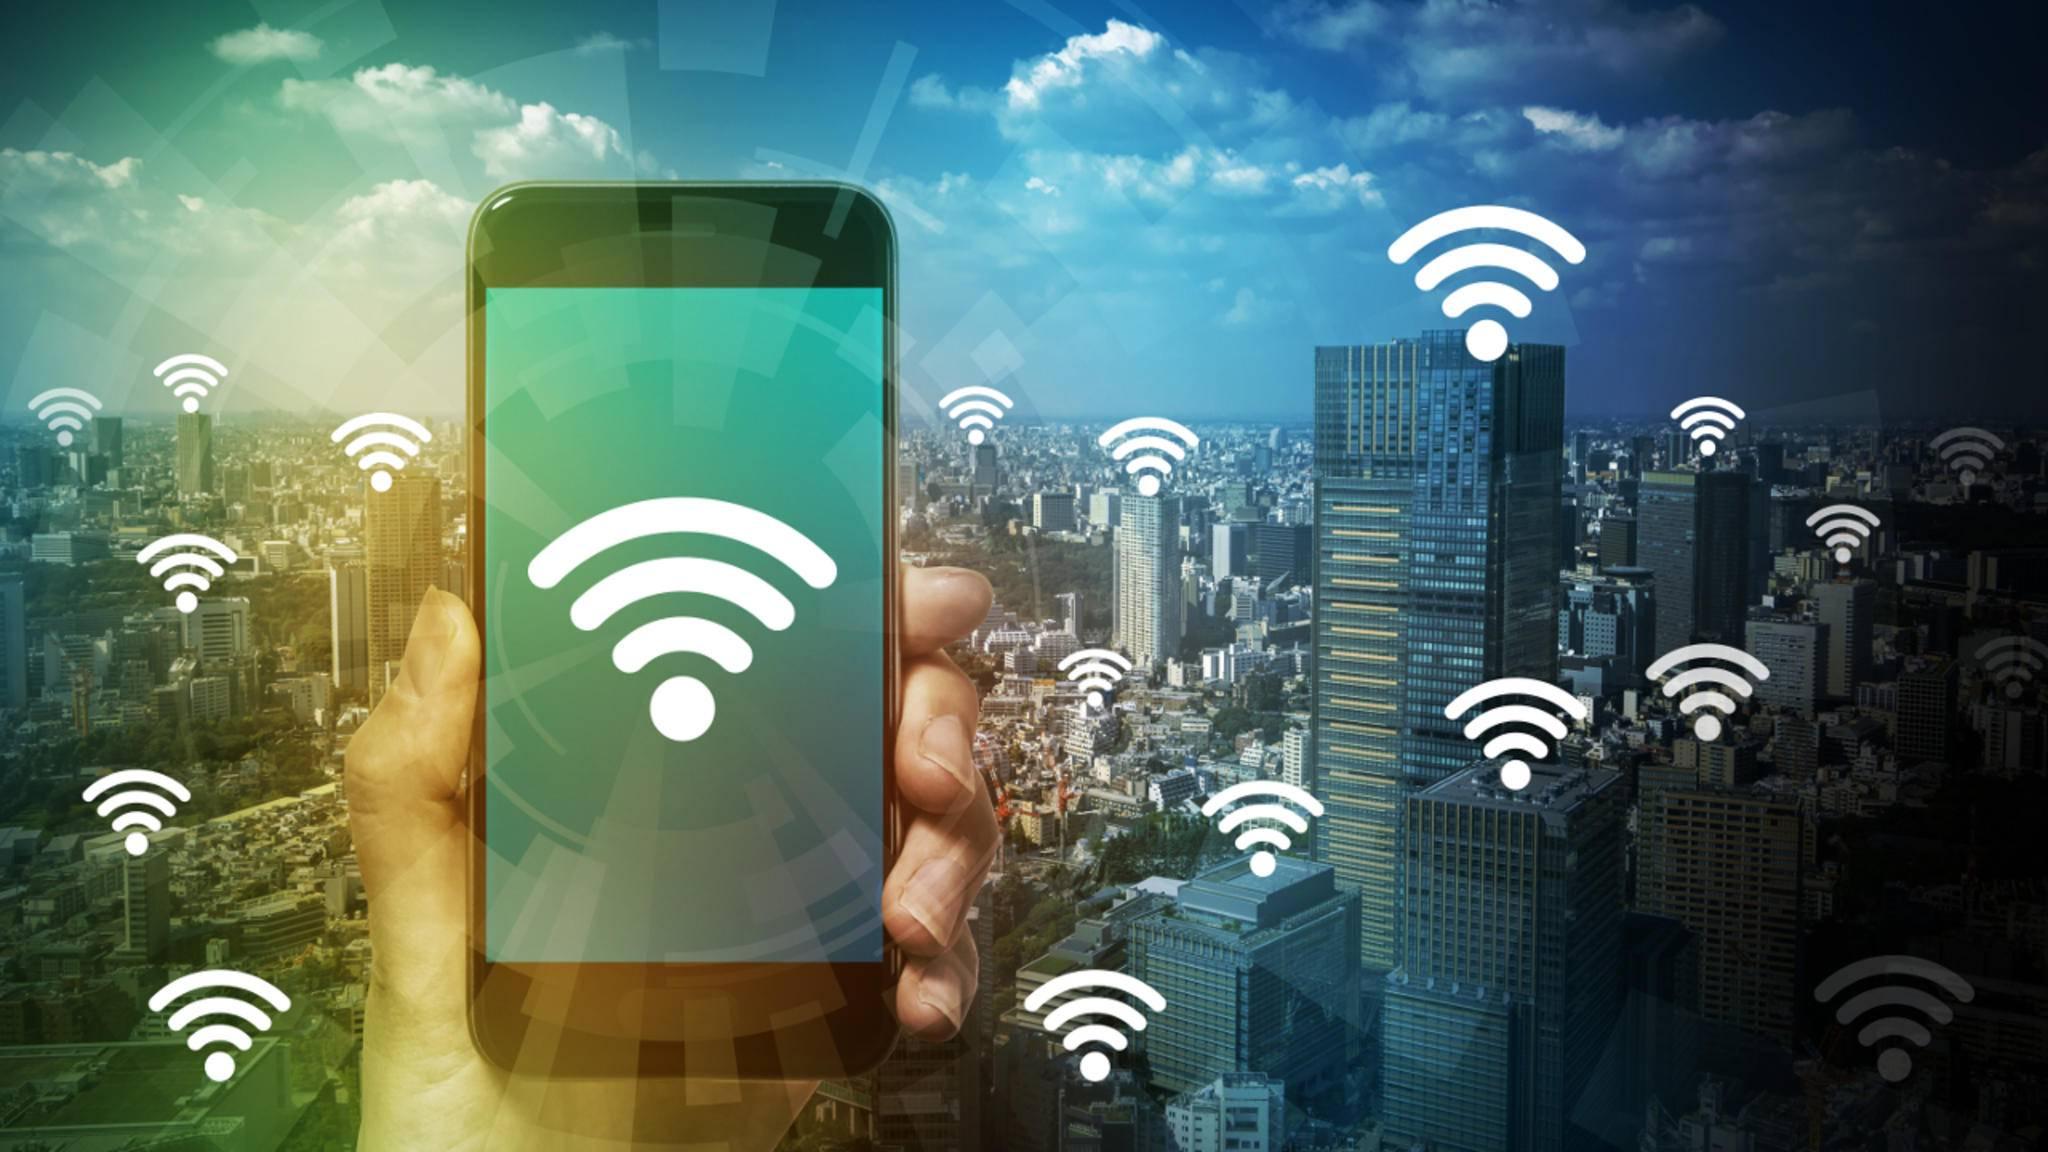 Das WLAN auf dem iPhone ist langsam? Wir haben ein paar Lösungsvorschläge.